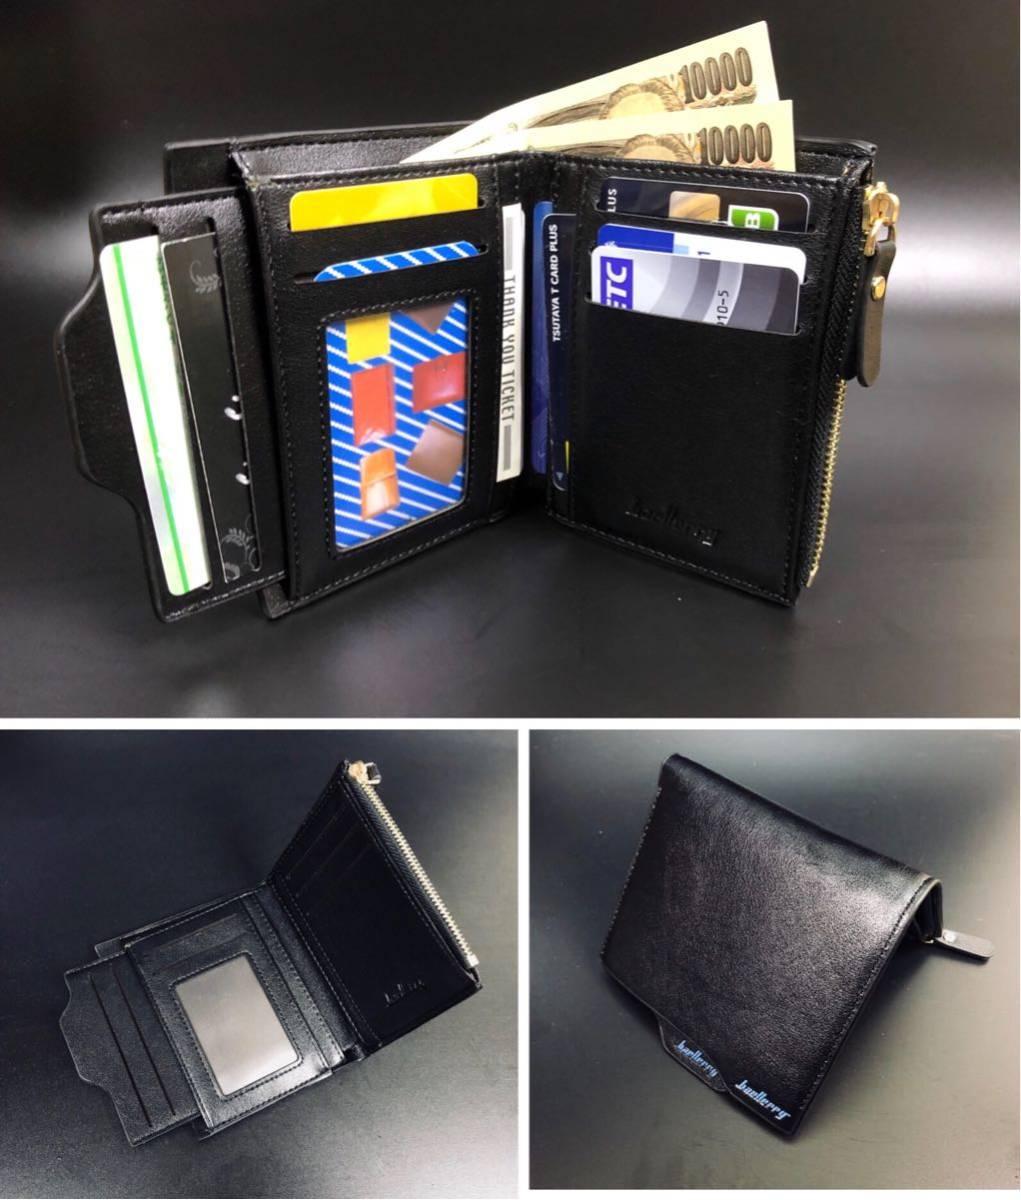 財布 二つ折り財布 レザー 革 お札入れ 小銭入れ カード入れ 名刺入れ 収納ケース コンパクト カード収納 ブラック 送料無料 20_画像4